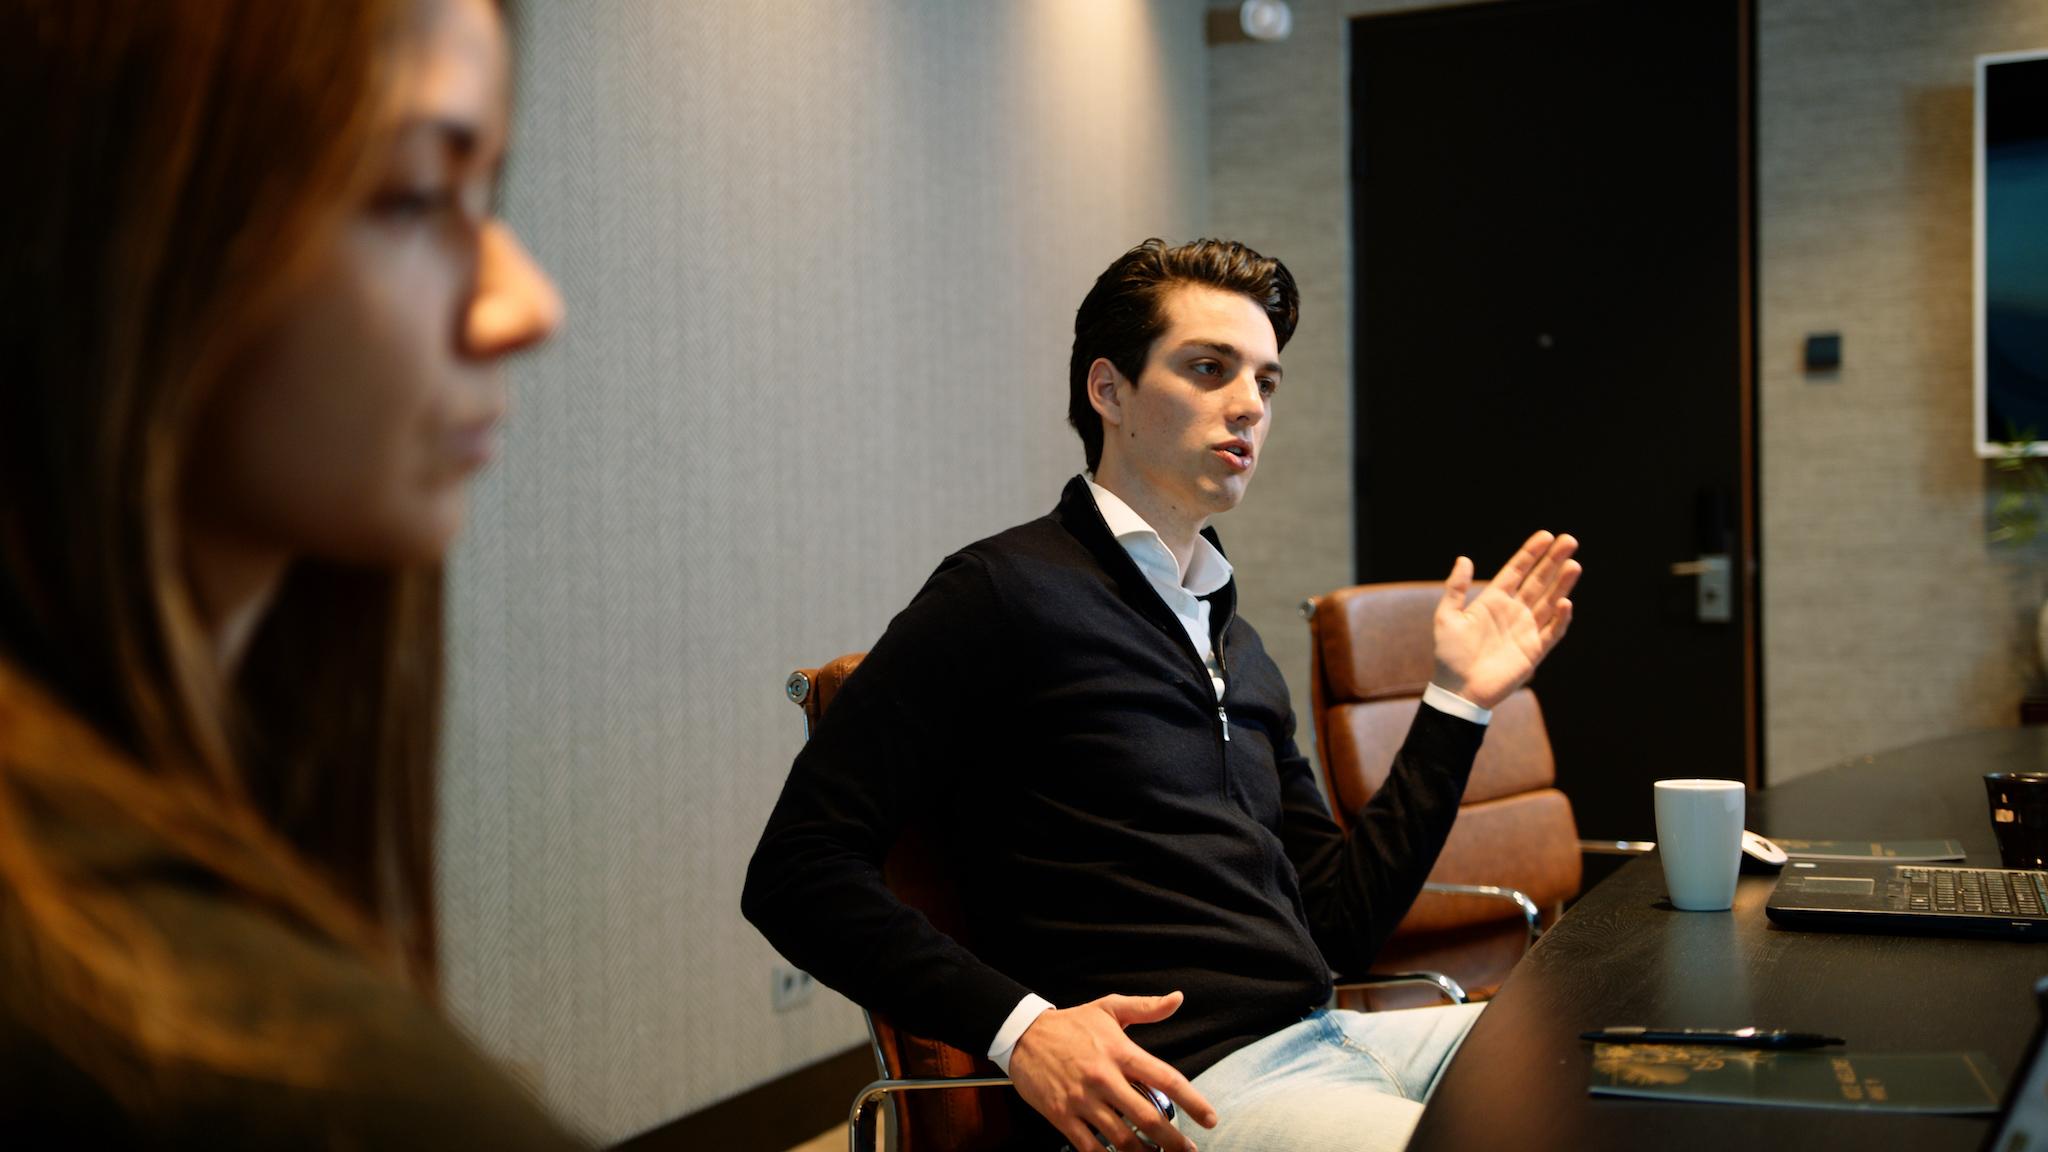 Medewerker geeft uitleg tijdens een vergadering